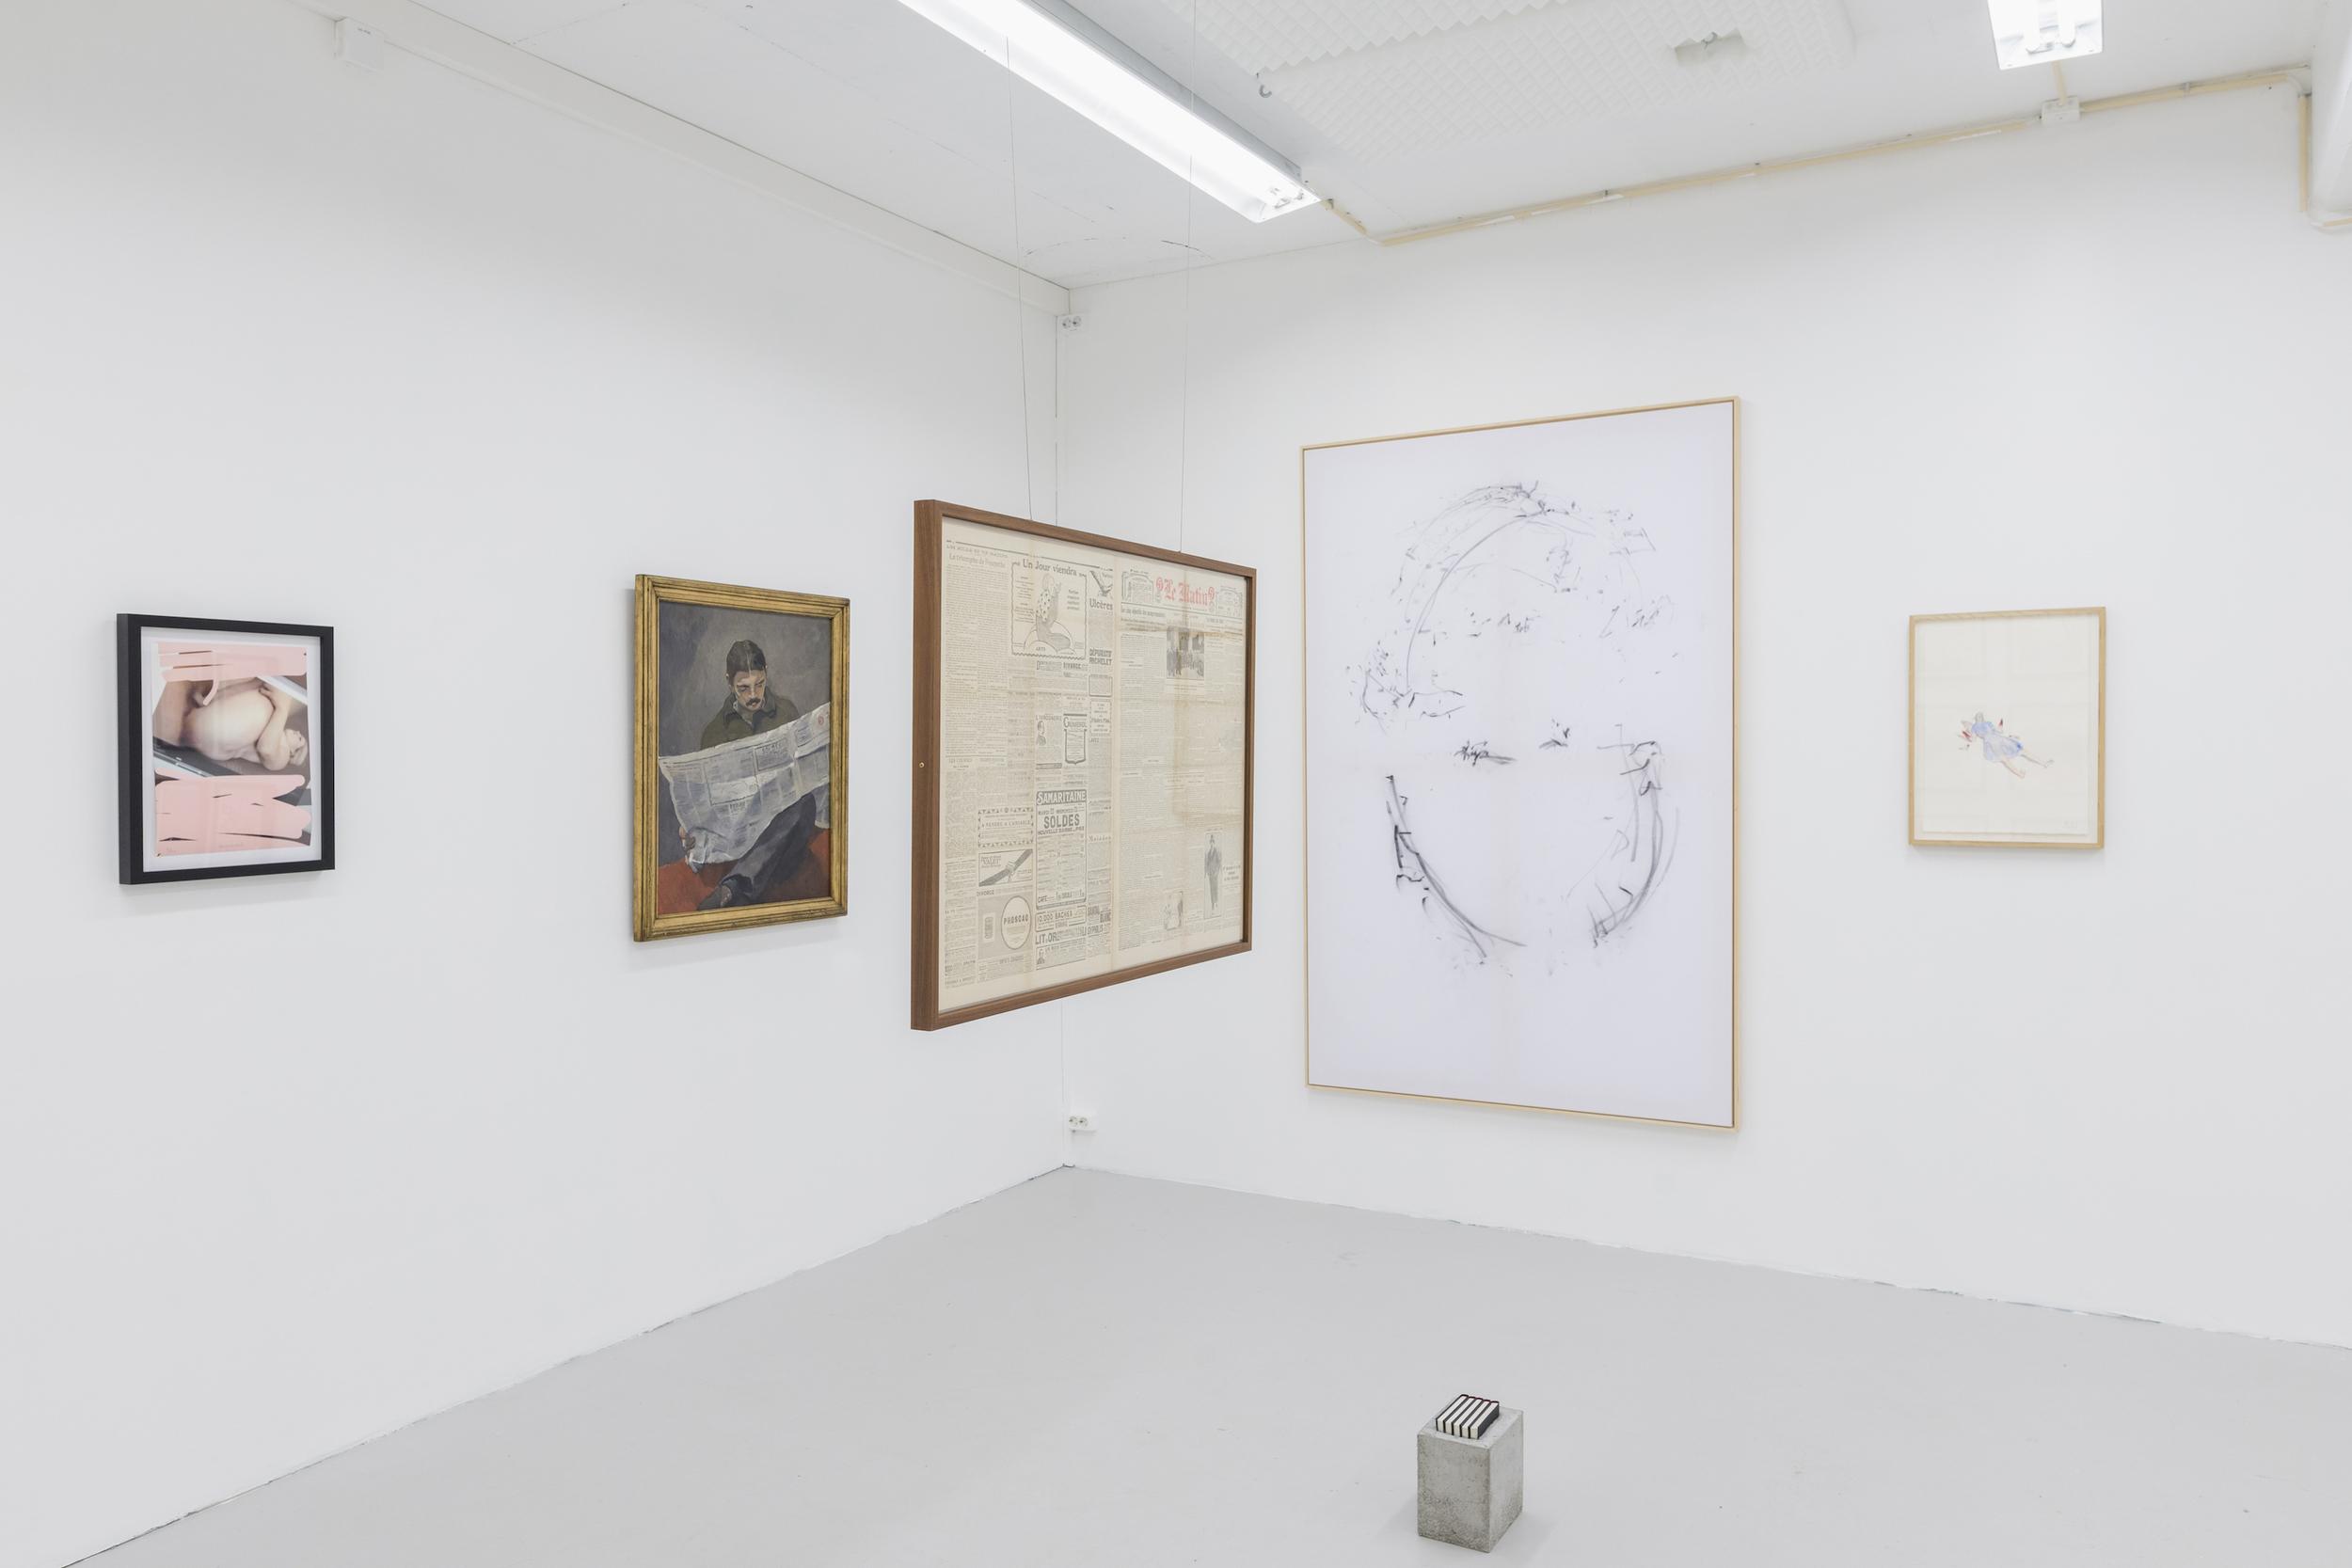 Bjørn Kowalski-Hansen / Anders Dahl Monsen / Vanessa Baird / Vibeke Tandberg